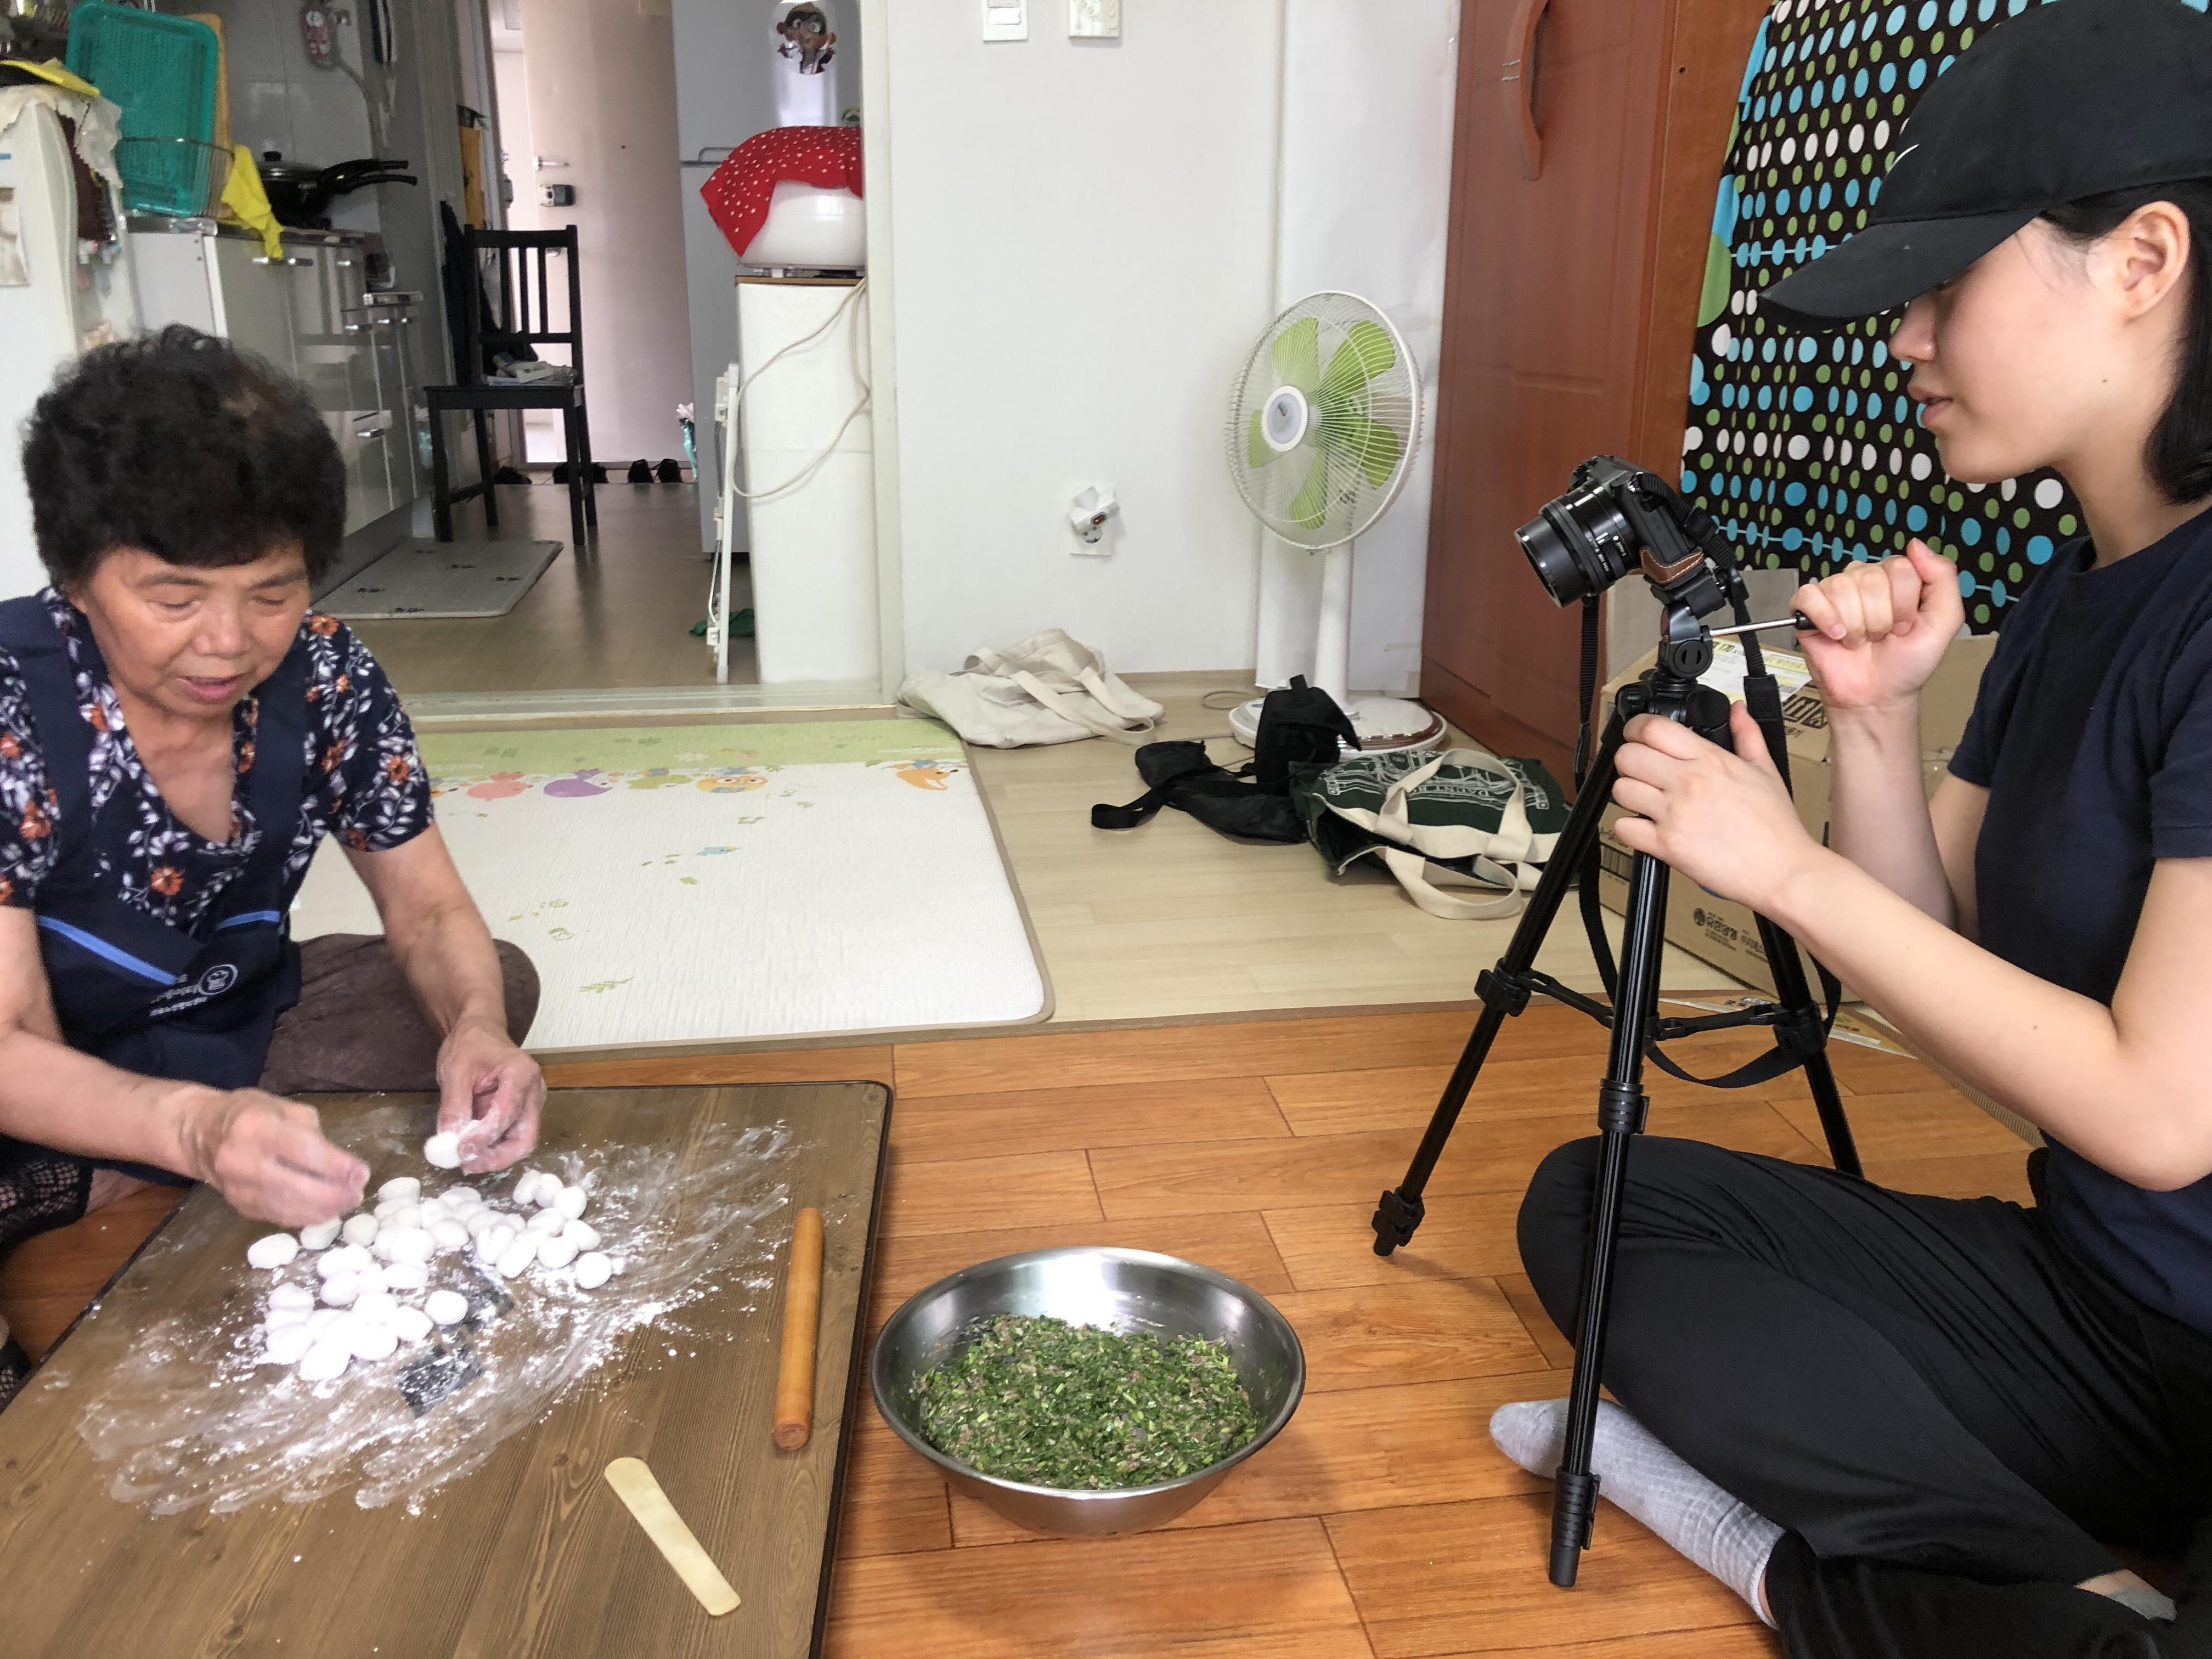 [재가지원] 재가어르신 요리 콘텐츠 제작 프로그램 '내가 바로 쿡(COOK)크리에이터!' 6차 활동